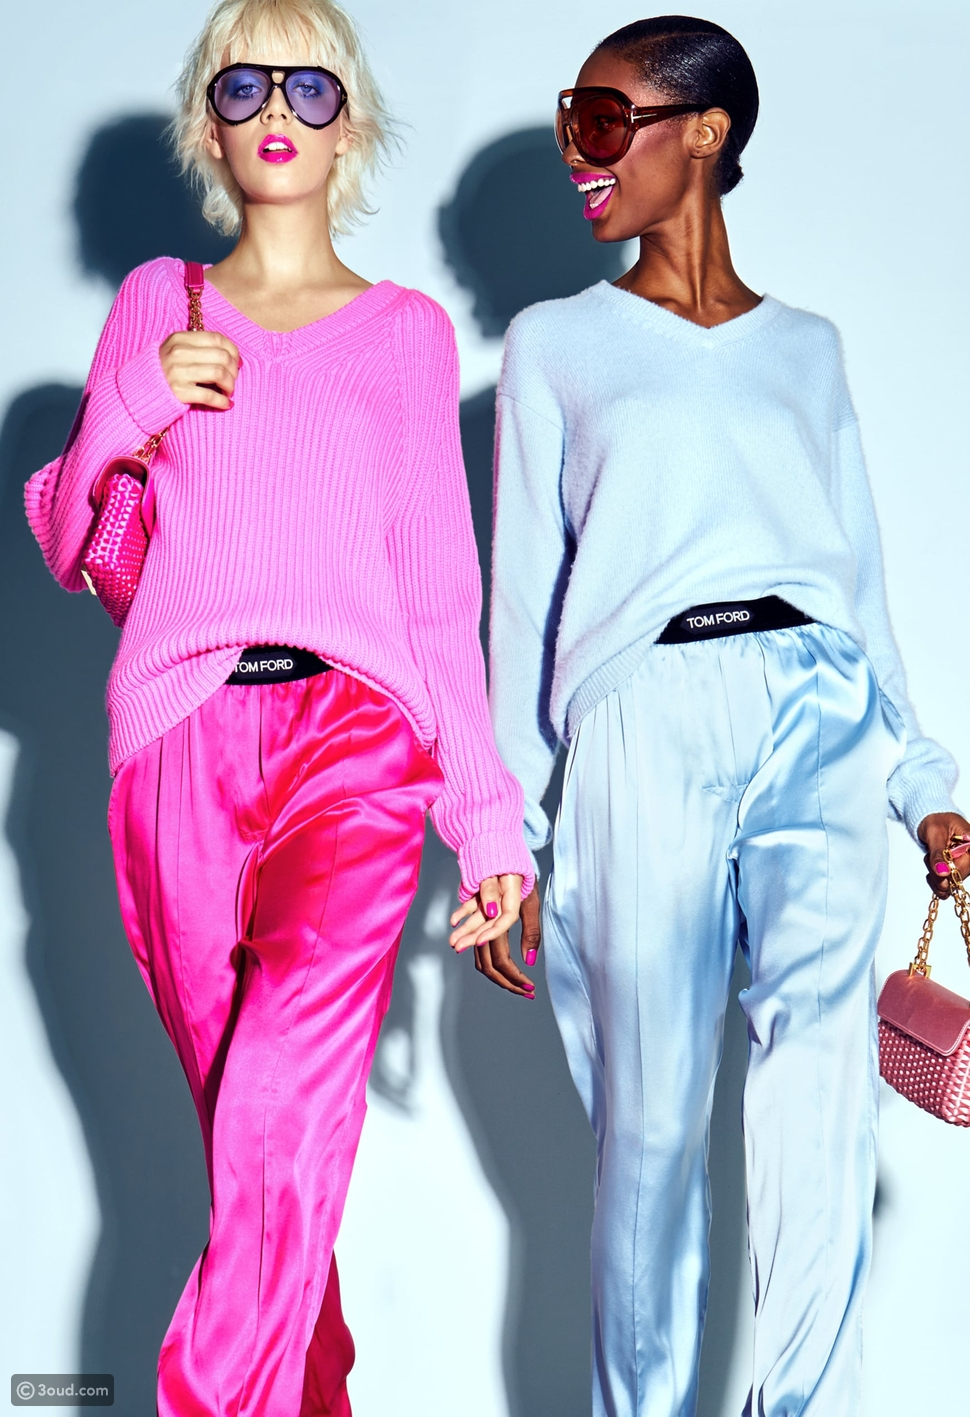 ملابس بألوان صيفية مبهجة